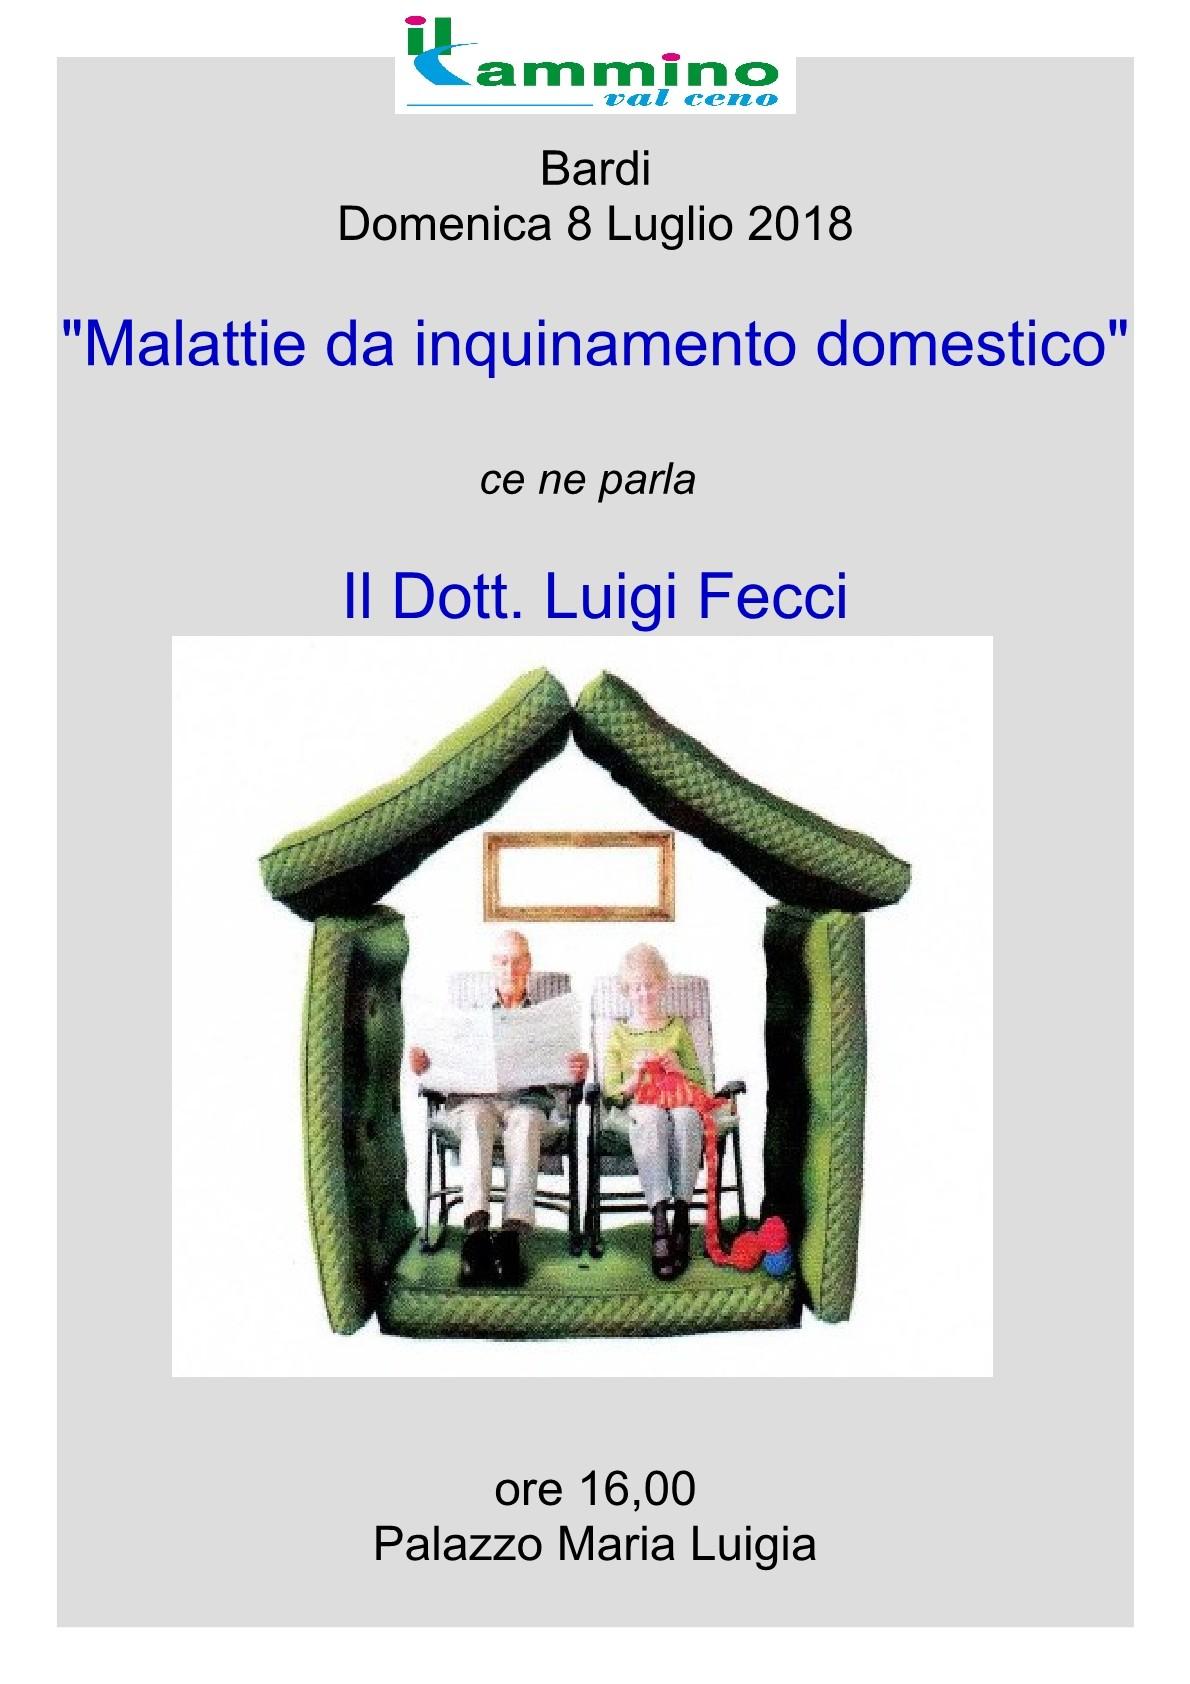 Il Dott. Luigi Fecci  parla di come prevenire le  malattie causate dall'inquinamento domestico.